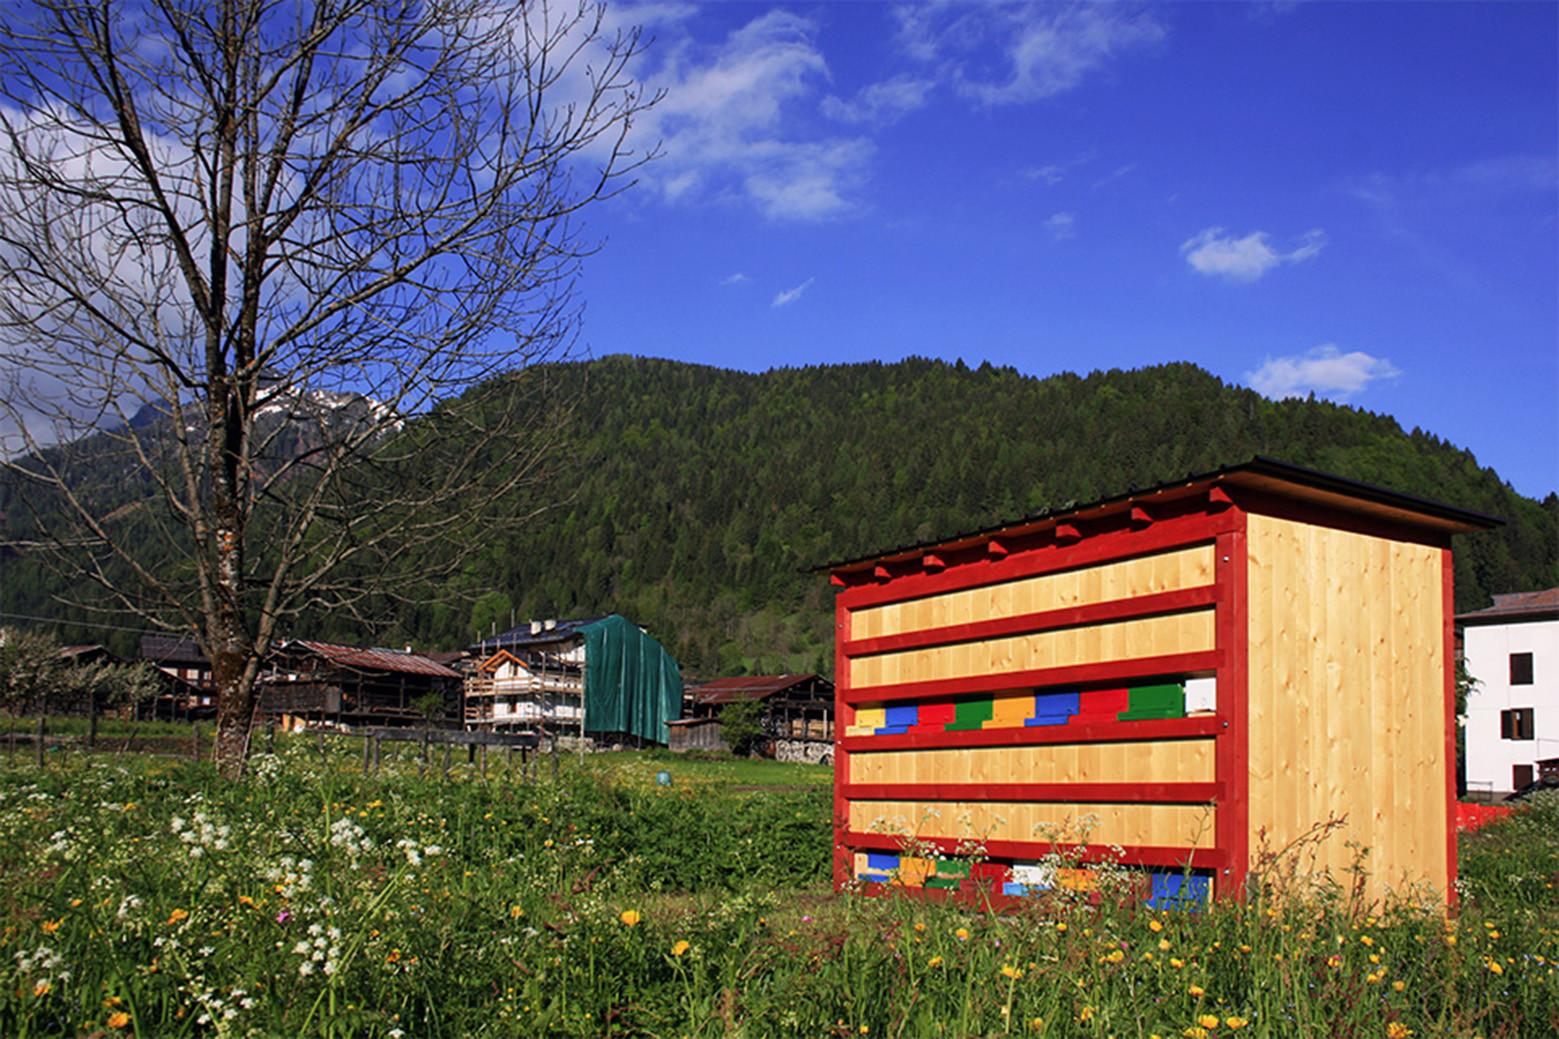 Bienenhaus #3 / Massimiliano Dell'Olivo, Courtesy of Massimiliano Dell'Olivo